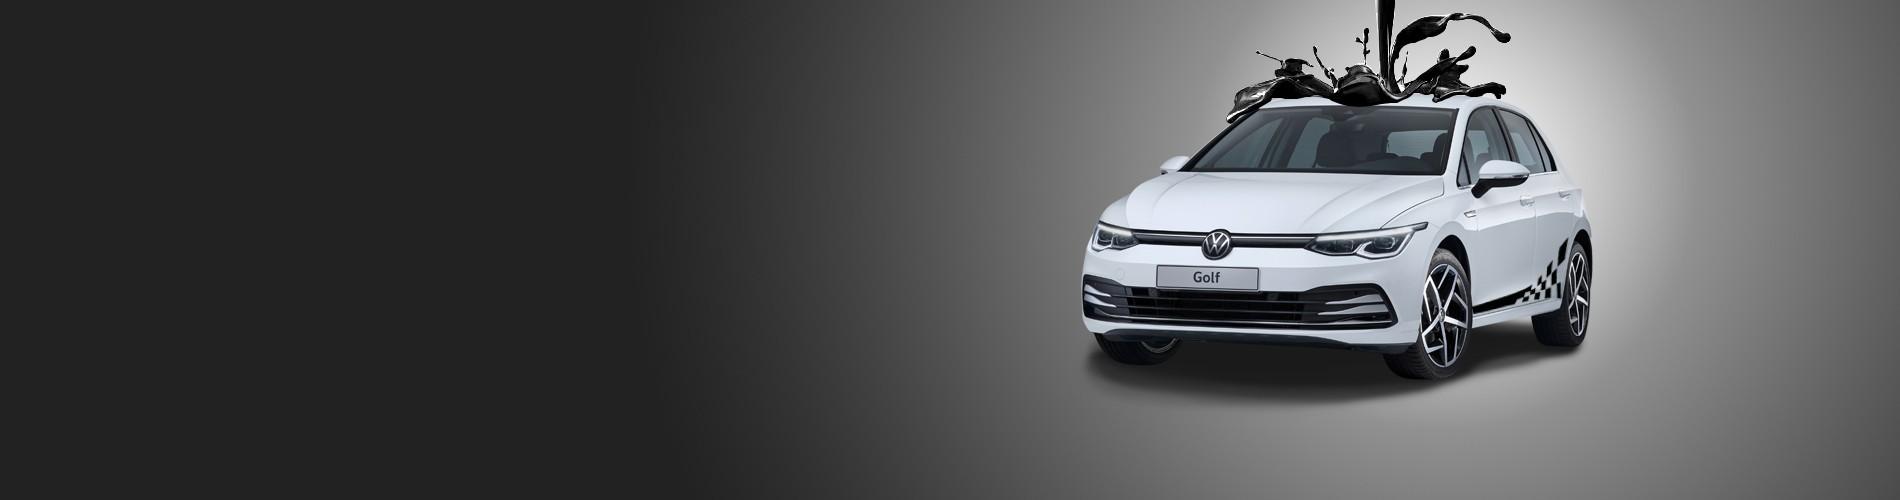 Ma Belle Voiture - Golf Volkswagen Stickers